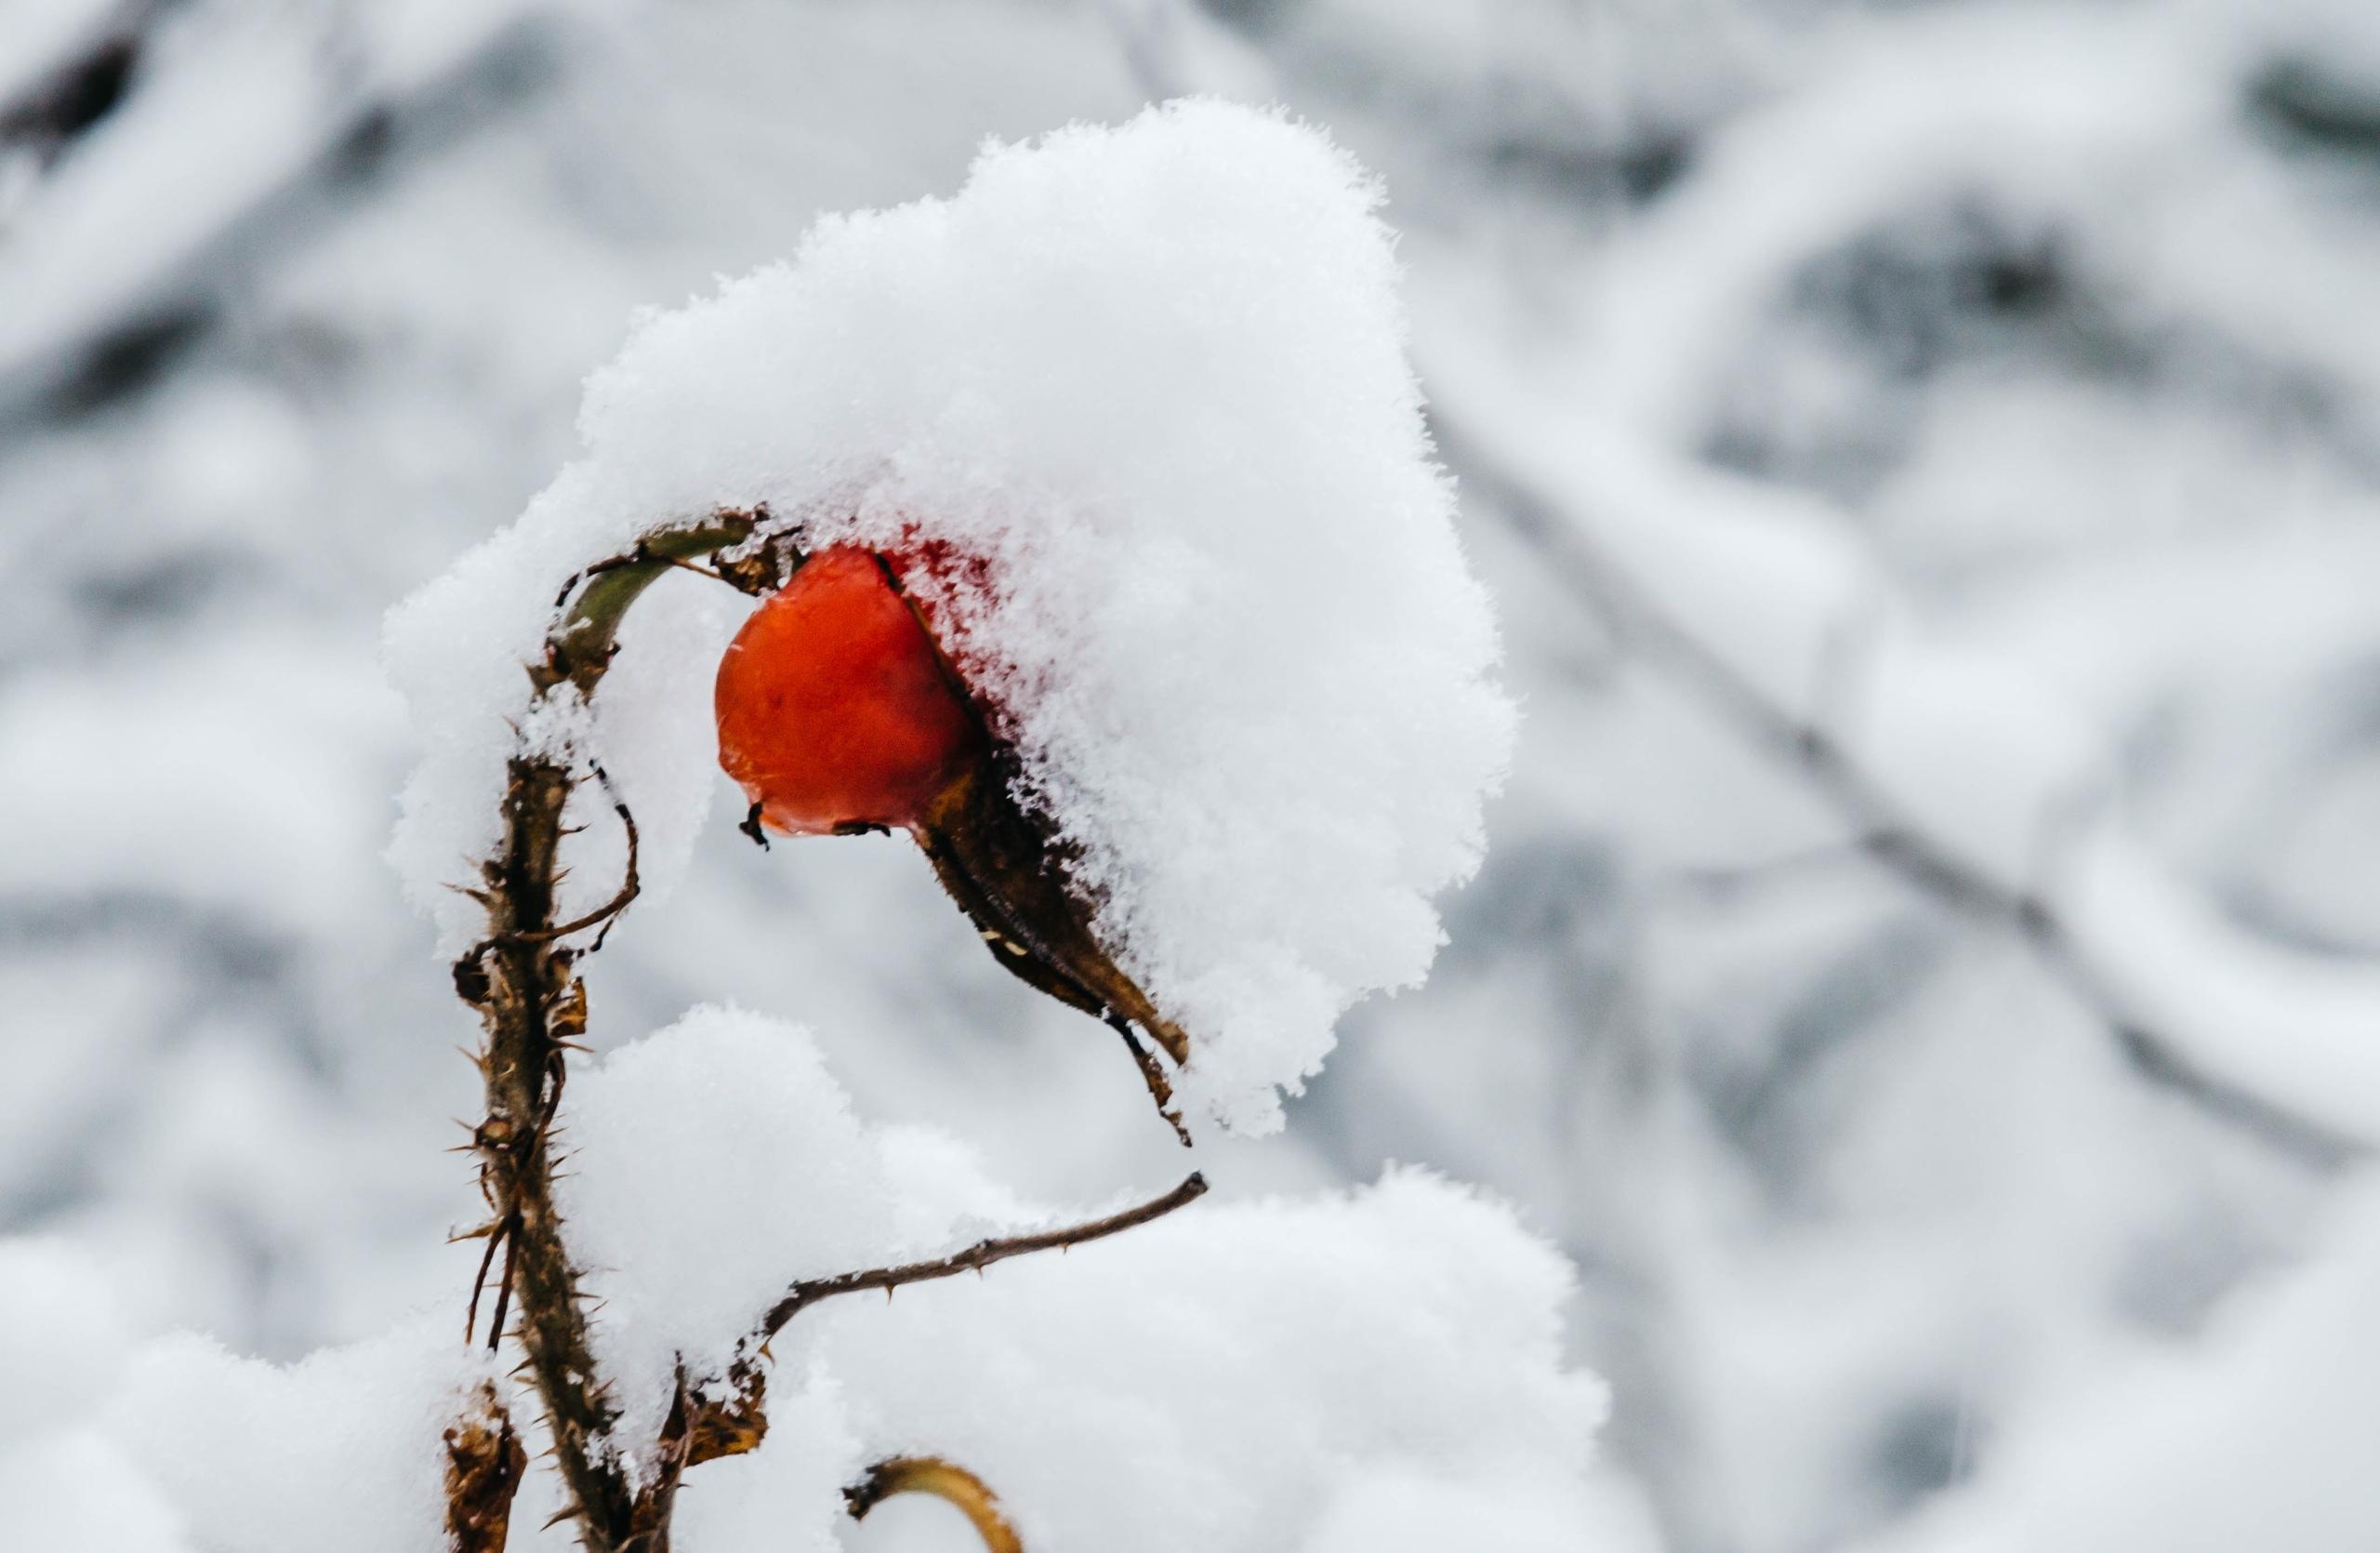 Жители Тверской области ждут снег, а приходят морозы